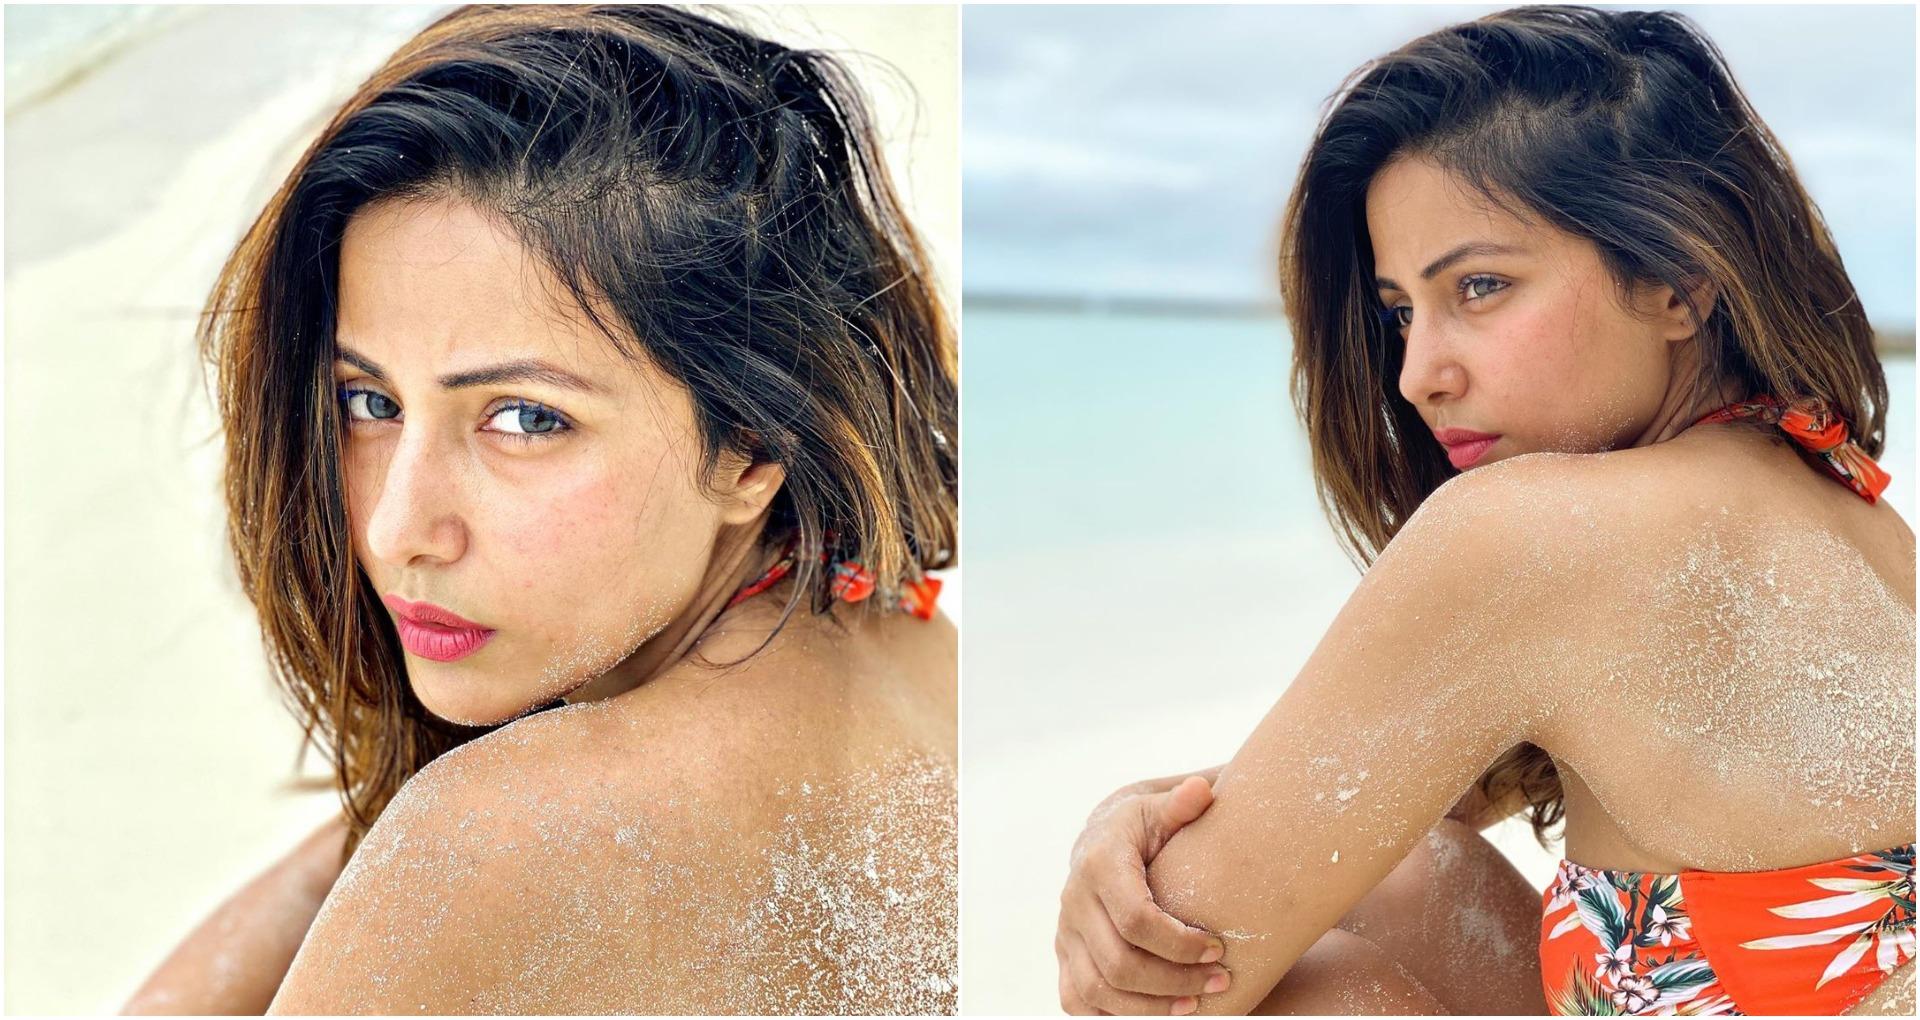 हिना खान की पीठ पर रेत देख पगलाए फैंस, टीवी क्वीन की तस्वीरों पर जोरदार कमेंट